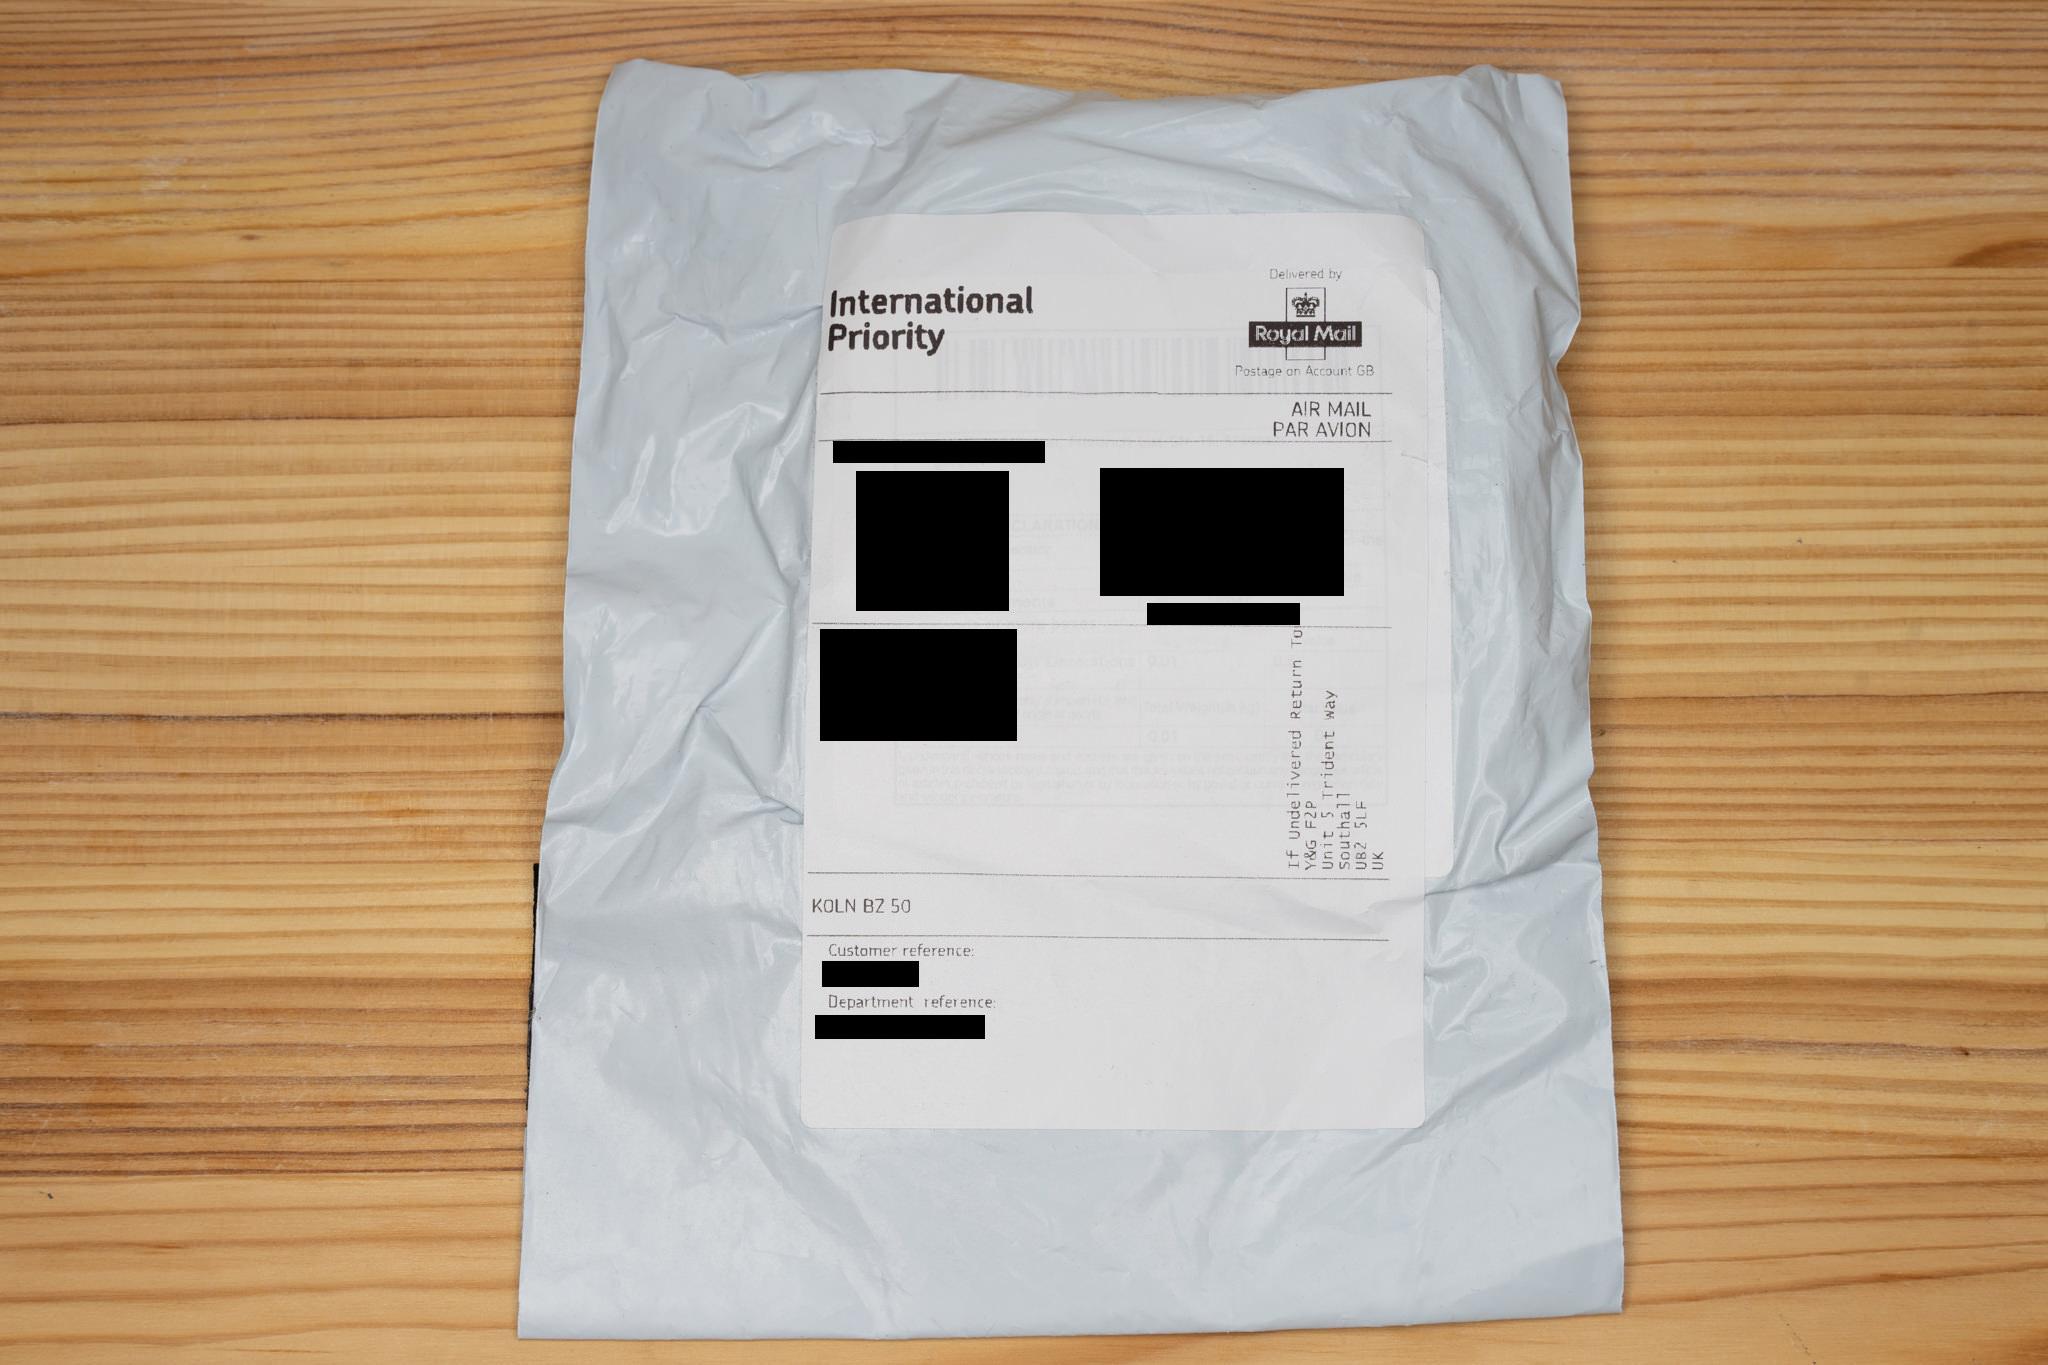 Das Paket von Aliexpress via Cainiao Super Economy Global